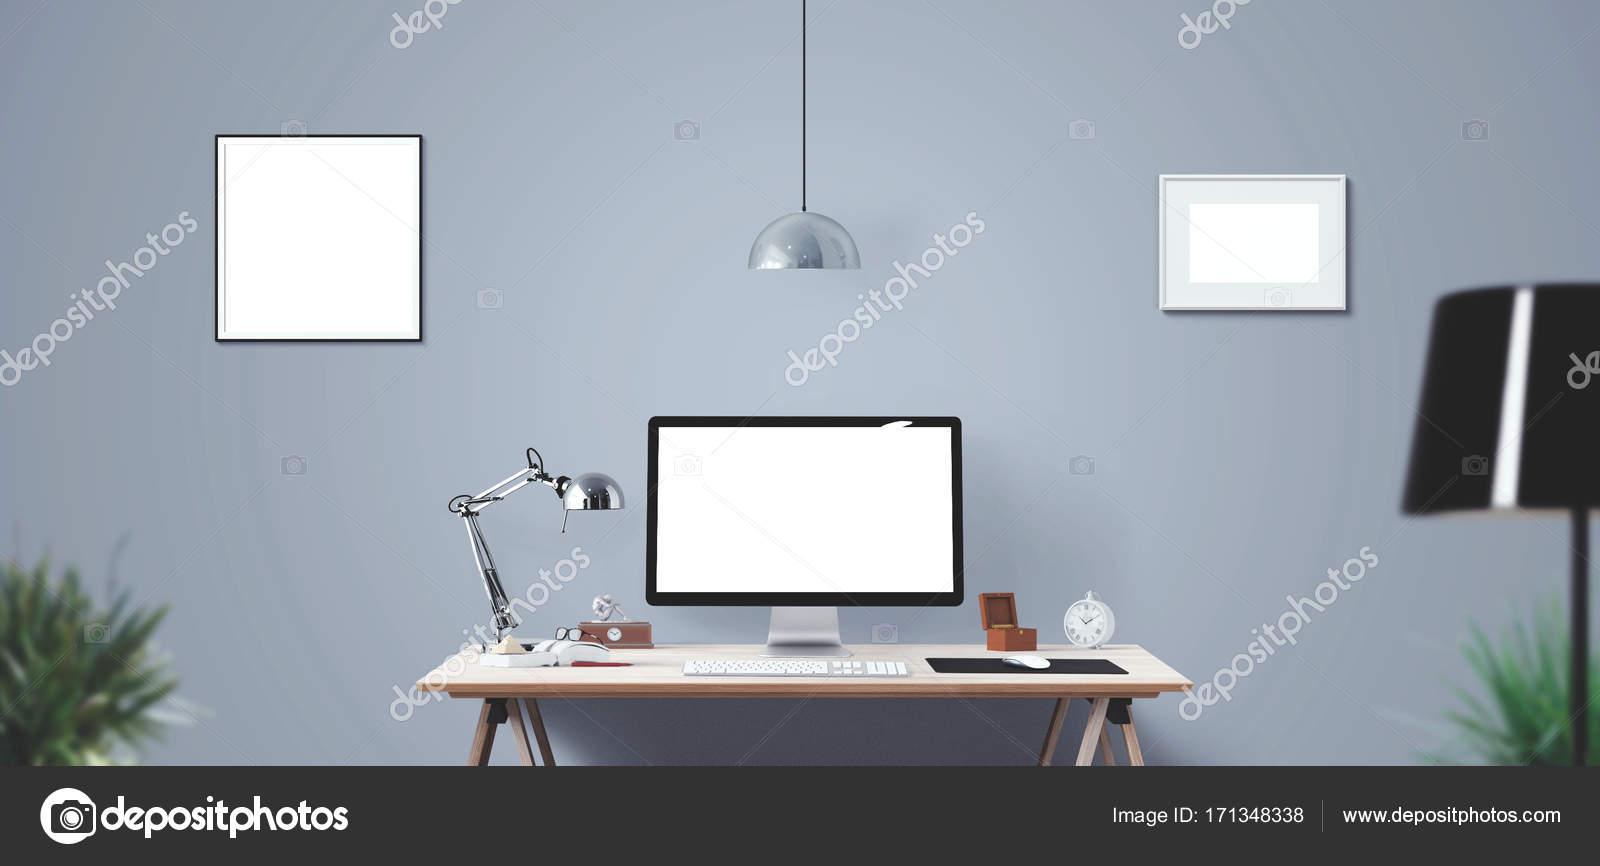 Computerdisplay Und Burogerate Auf Dem Schreibtisch Desktop Computerbildschirm Isoliert Modernen Kreativen Arbeitsplatz Hintergrund Frontansicht Stockfoto C Vanderon 171348338